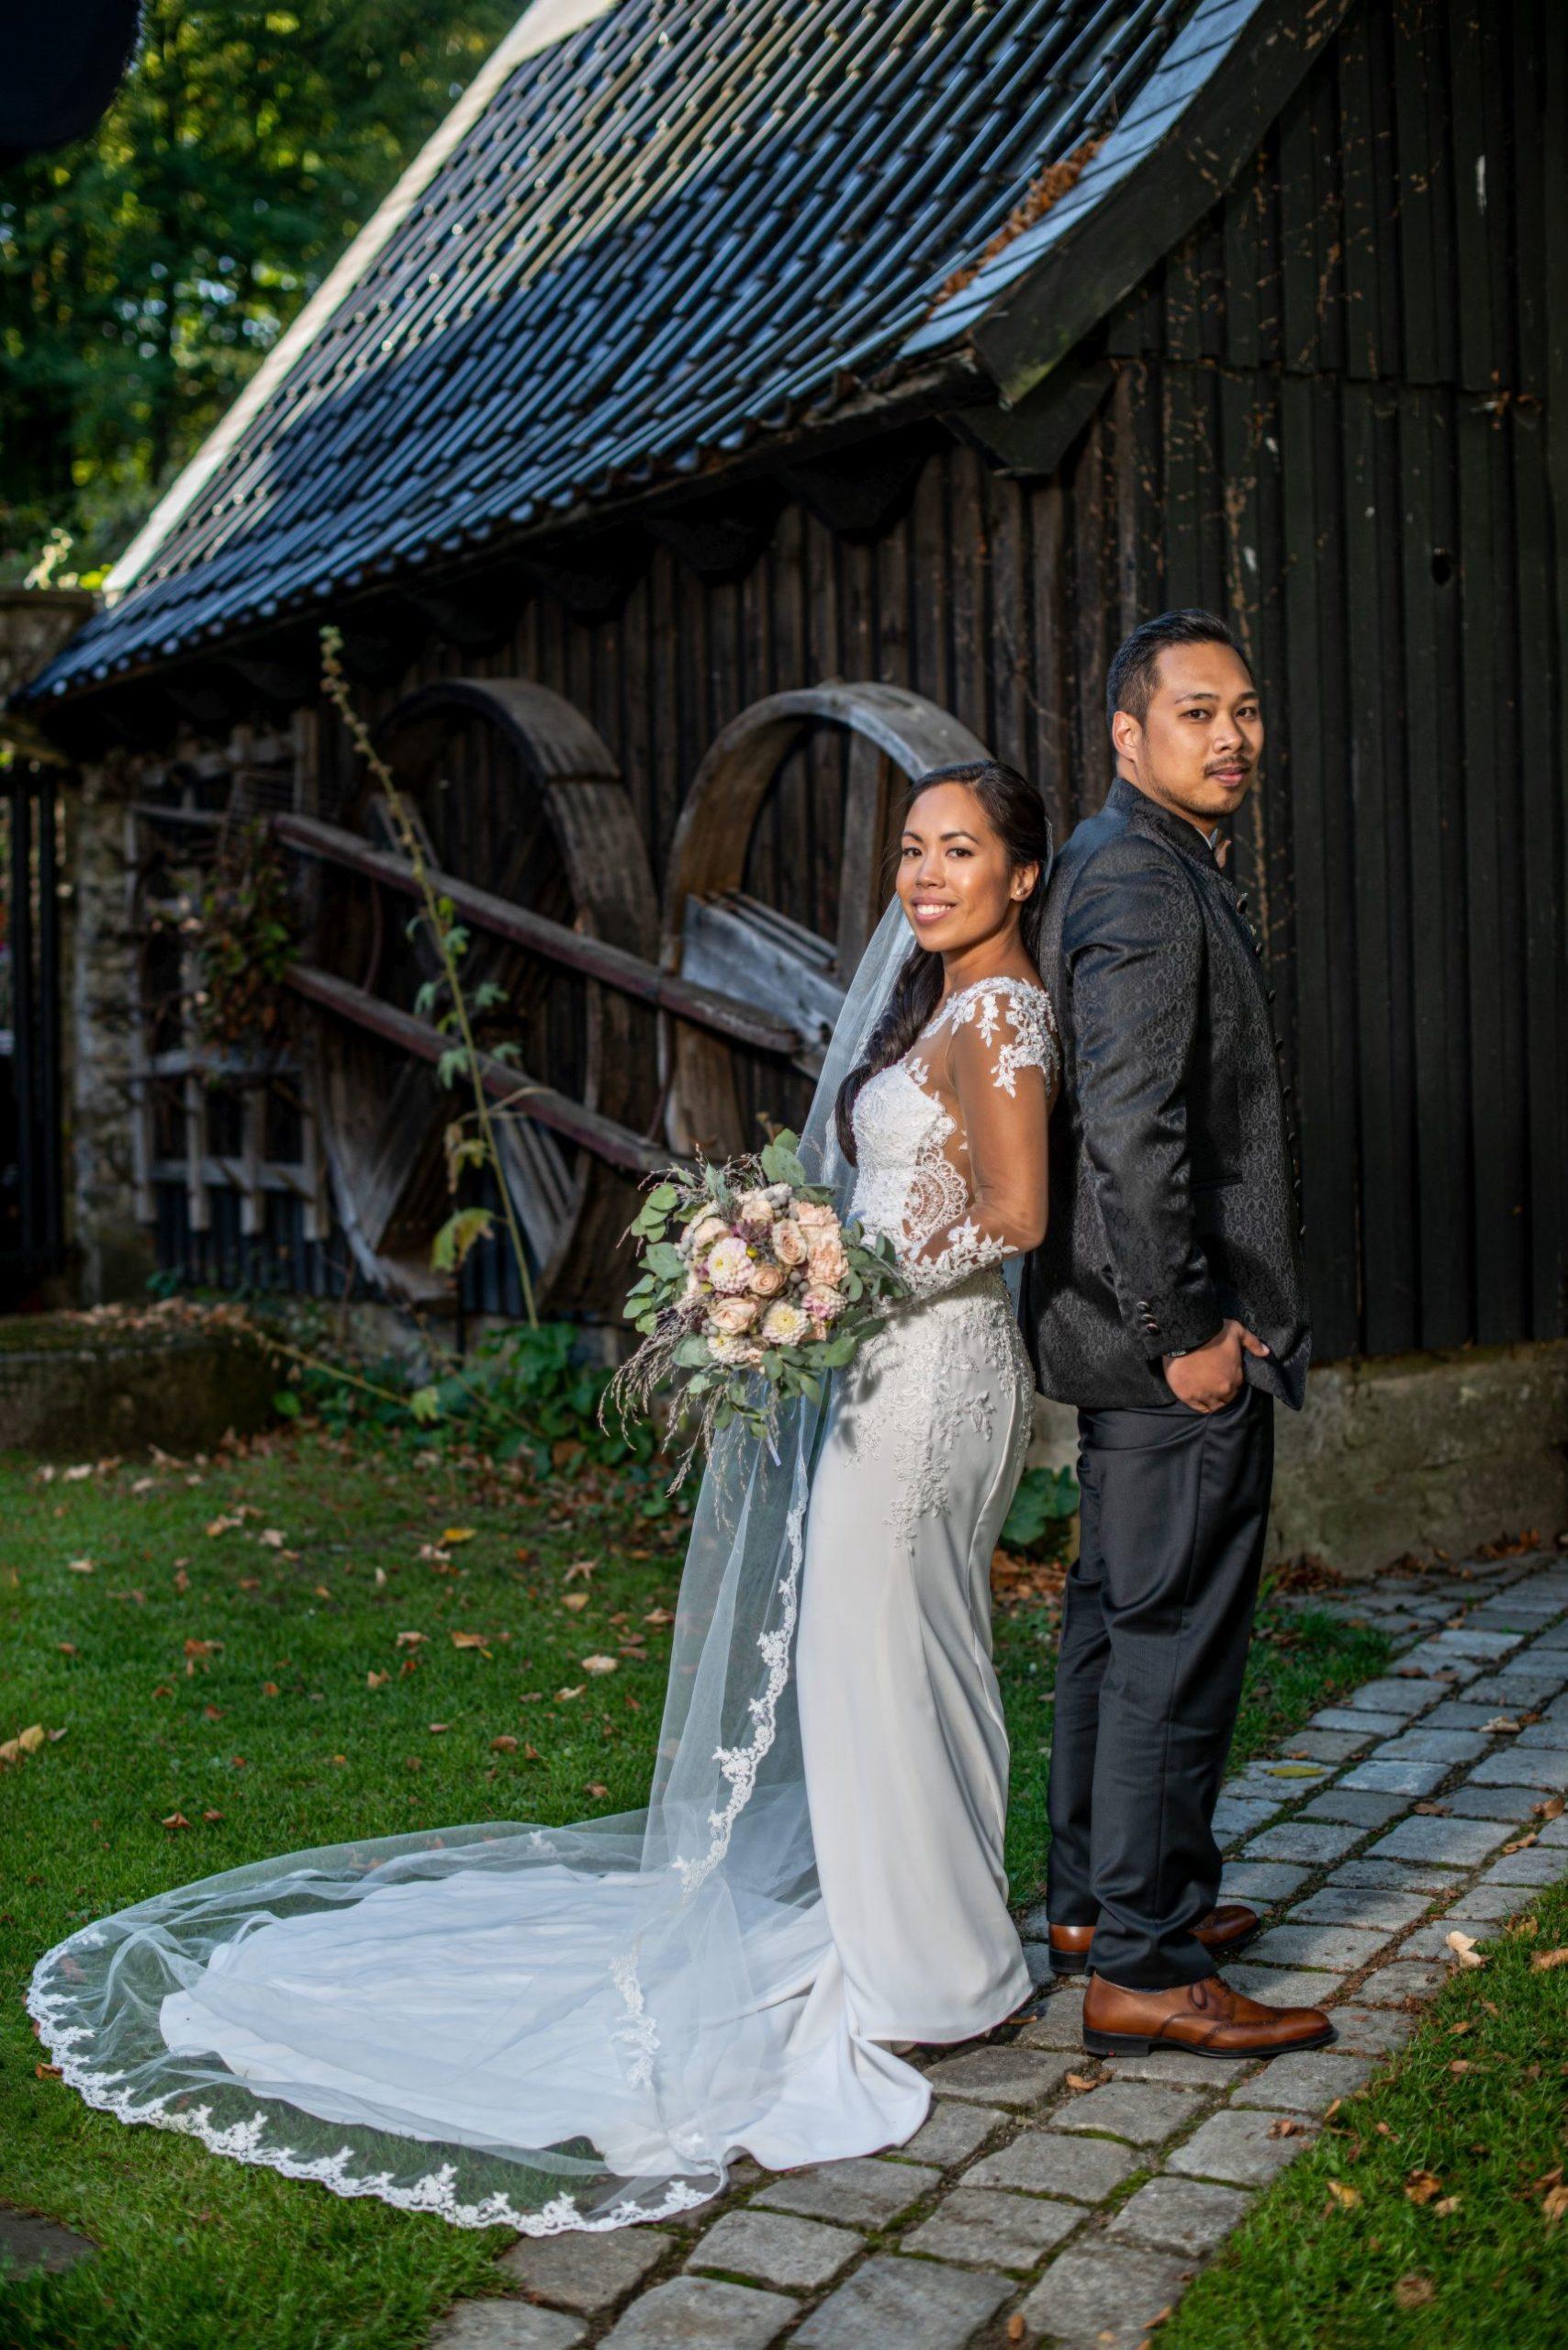 brautpaar steht vor einer scheune und lächelt in die kamera hochzeitsvideo hochzeitsvideograf hochzeitsfoto